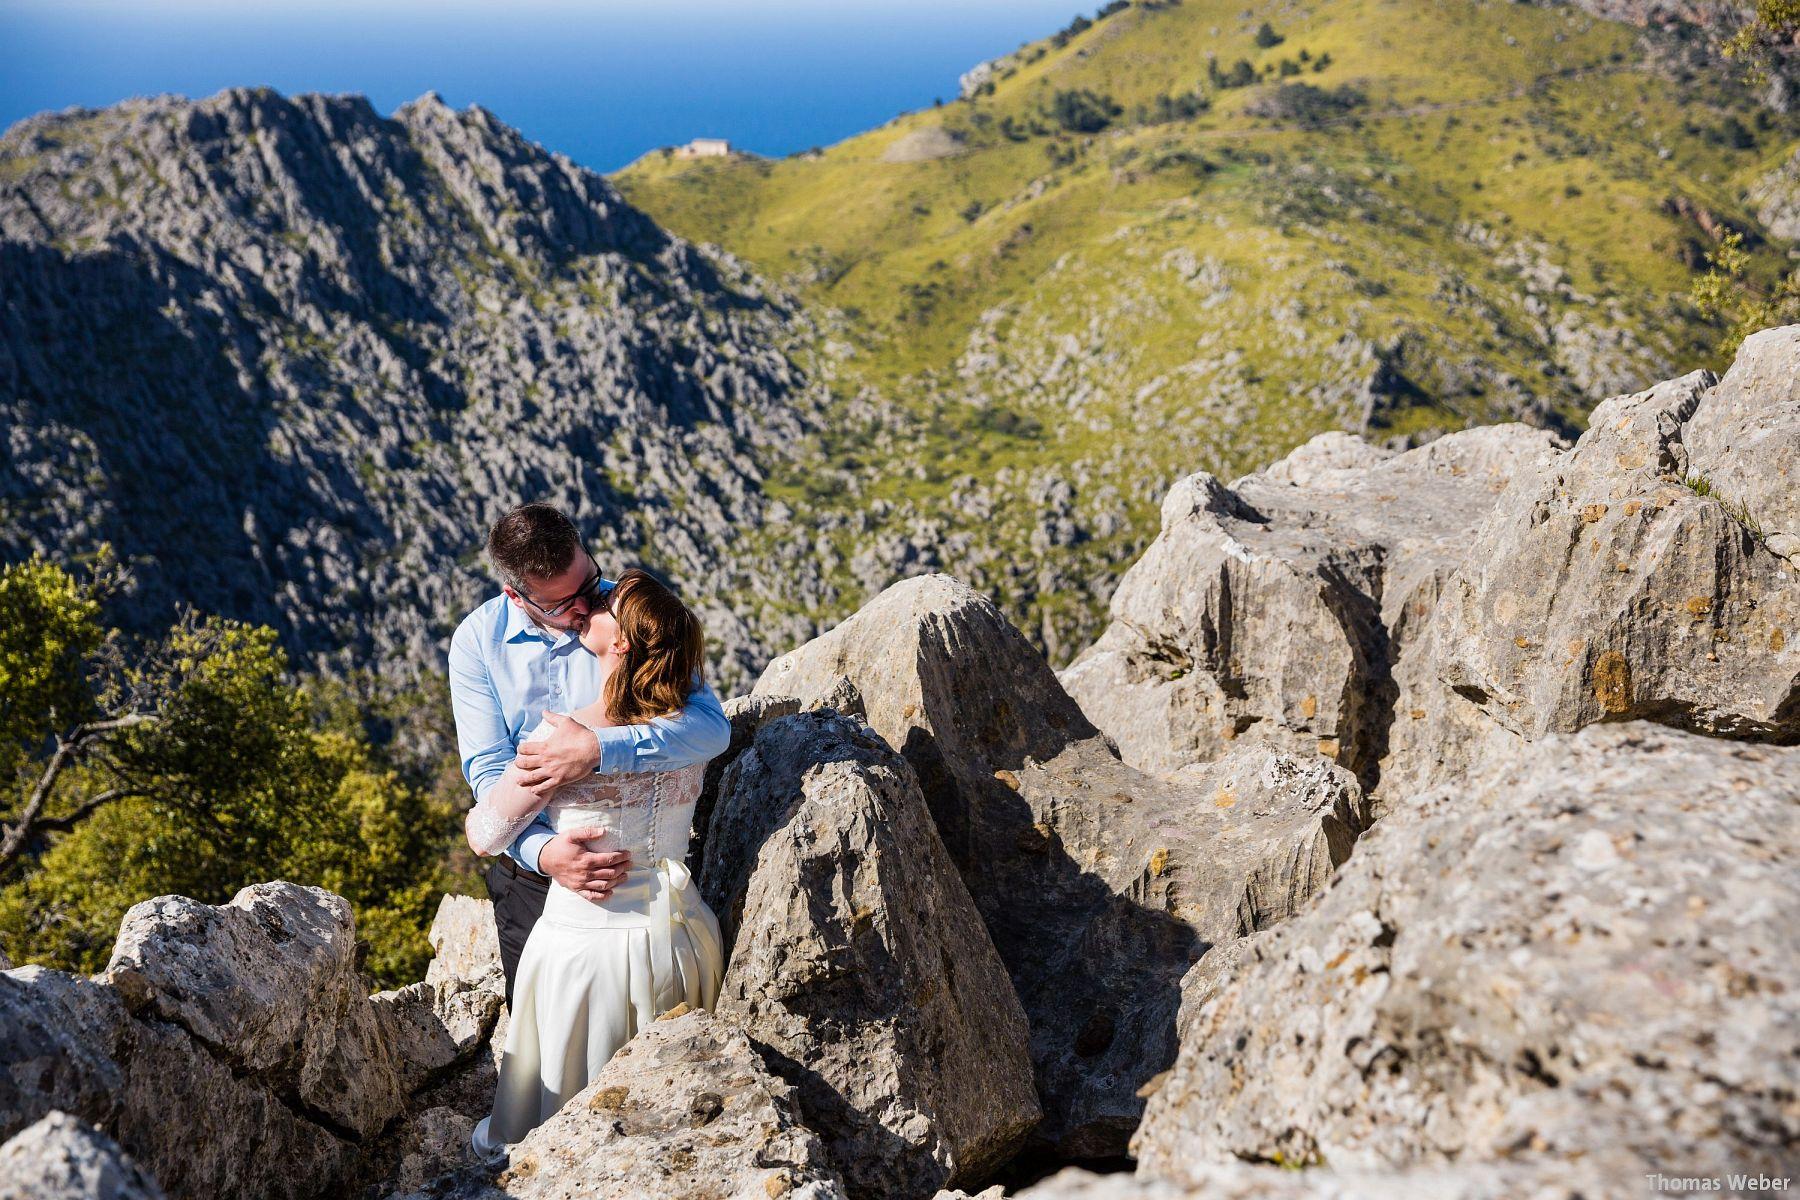 Hochzeitsfotograf Thomas Weber aus Oldenburg: Hochzeitsfotos und Paarfotos auf Mallorca (42)